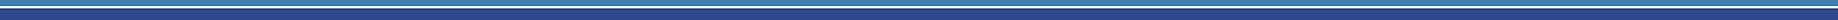 Balken Blau  200dpi.jpg